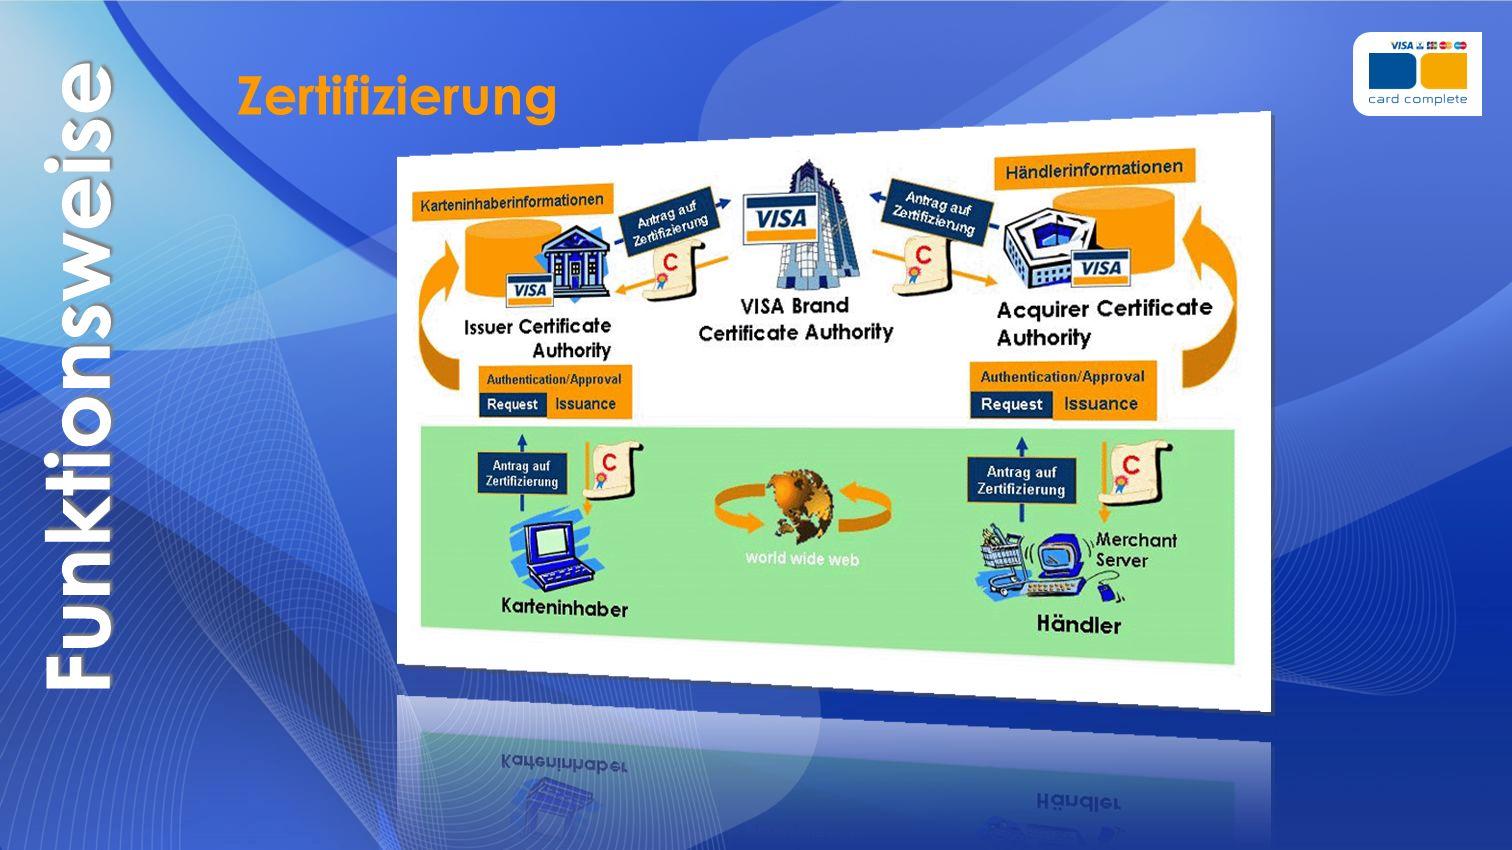 Zertifizierung Funktionsweise